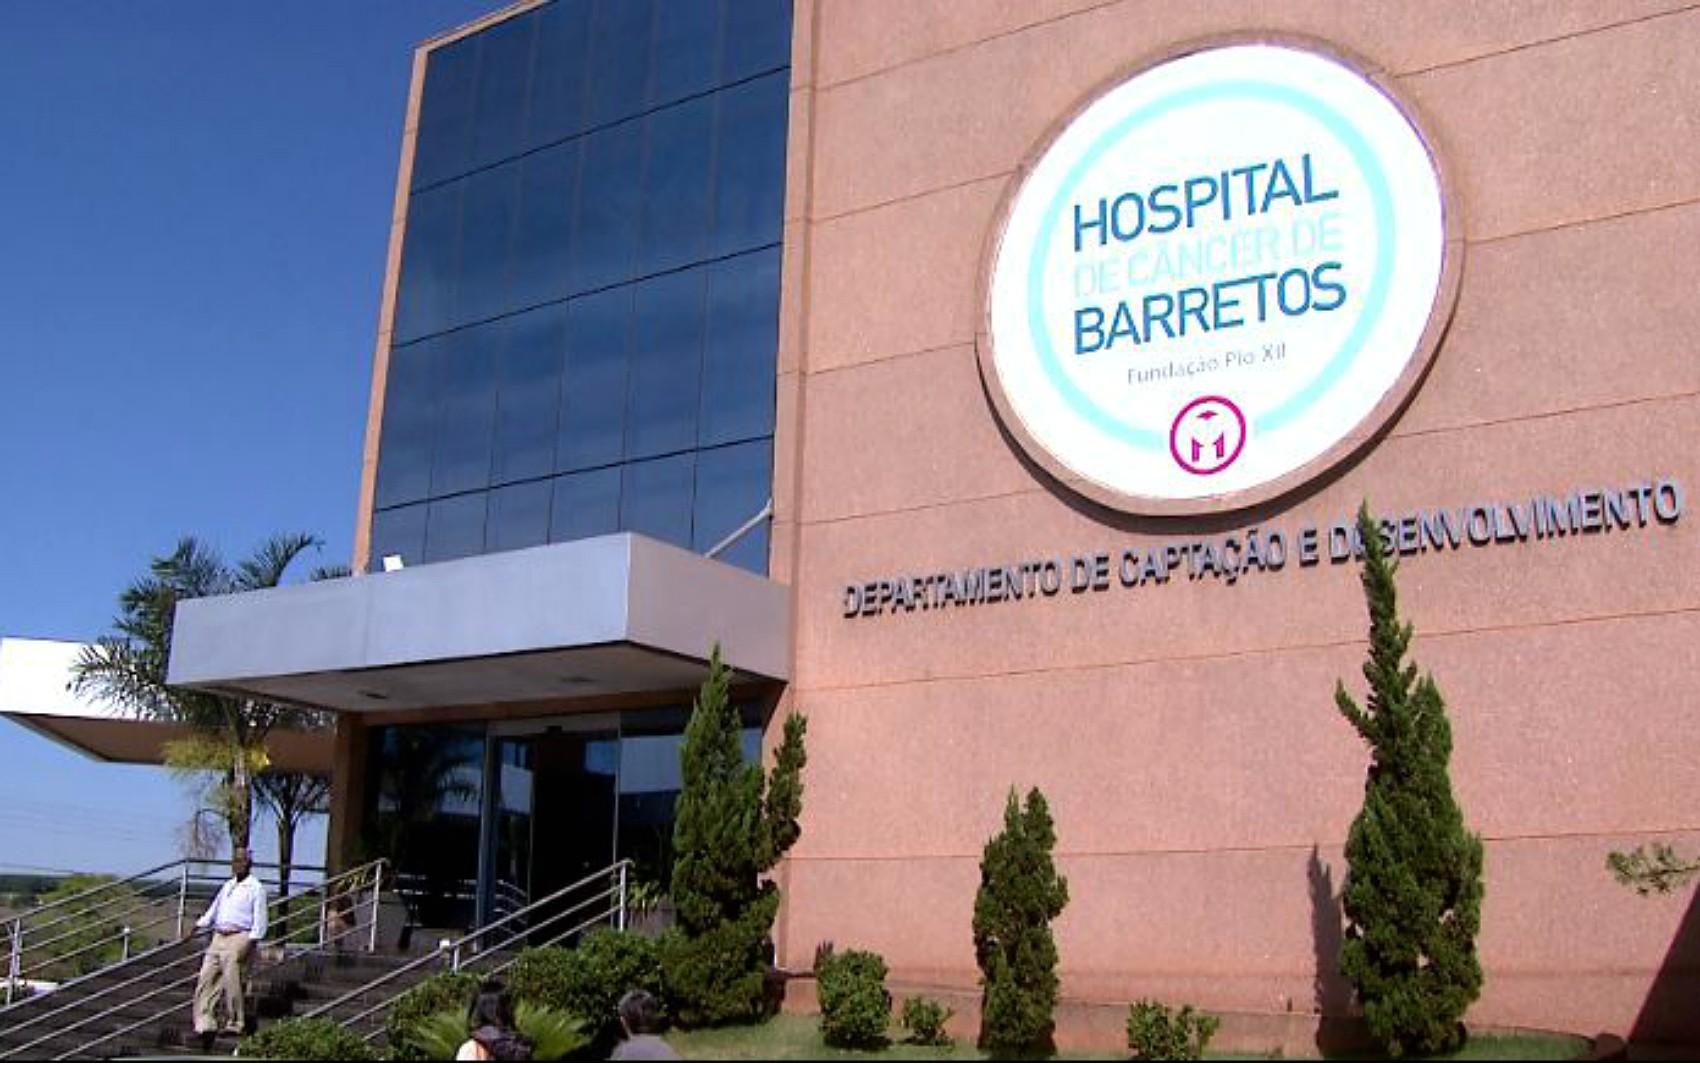 Hospital de Barretos inaugura centro inédito de pesquisa molecular para prevenção do câncer